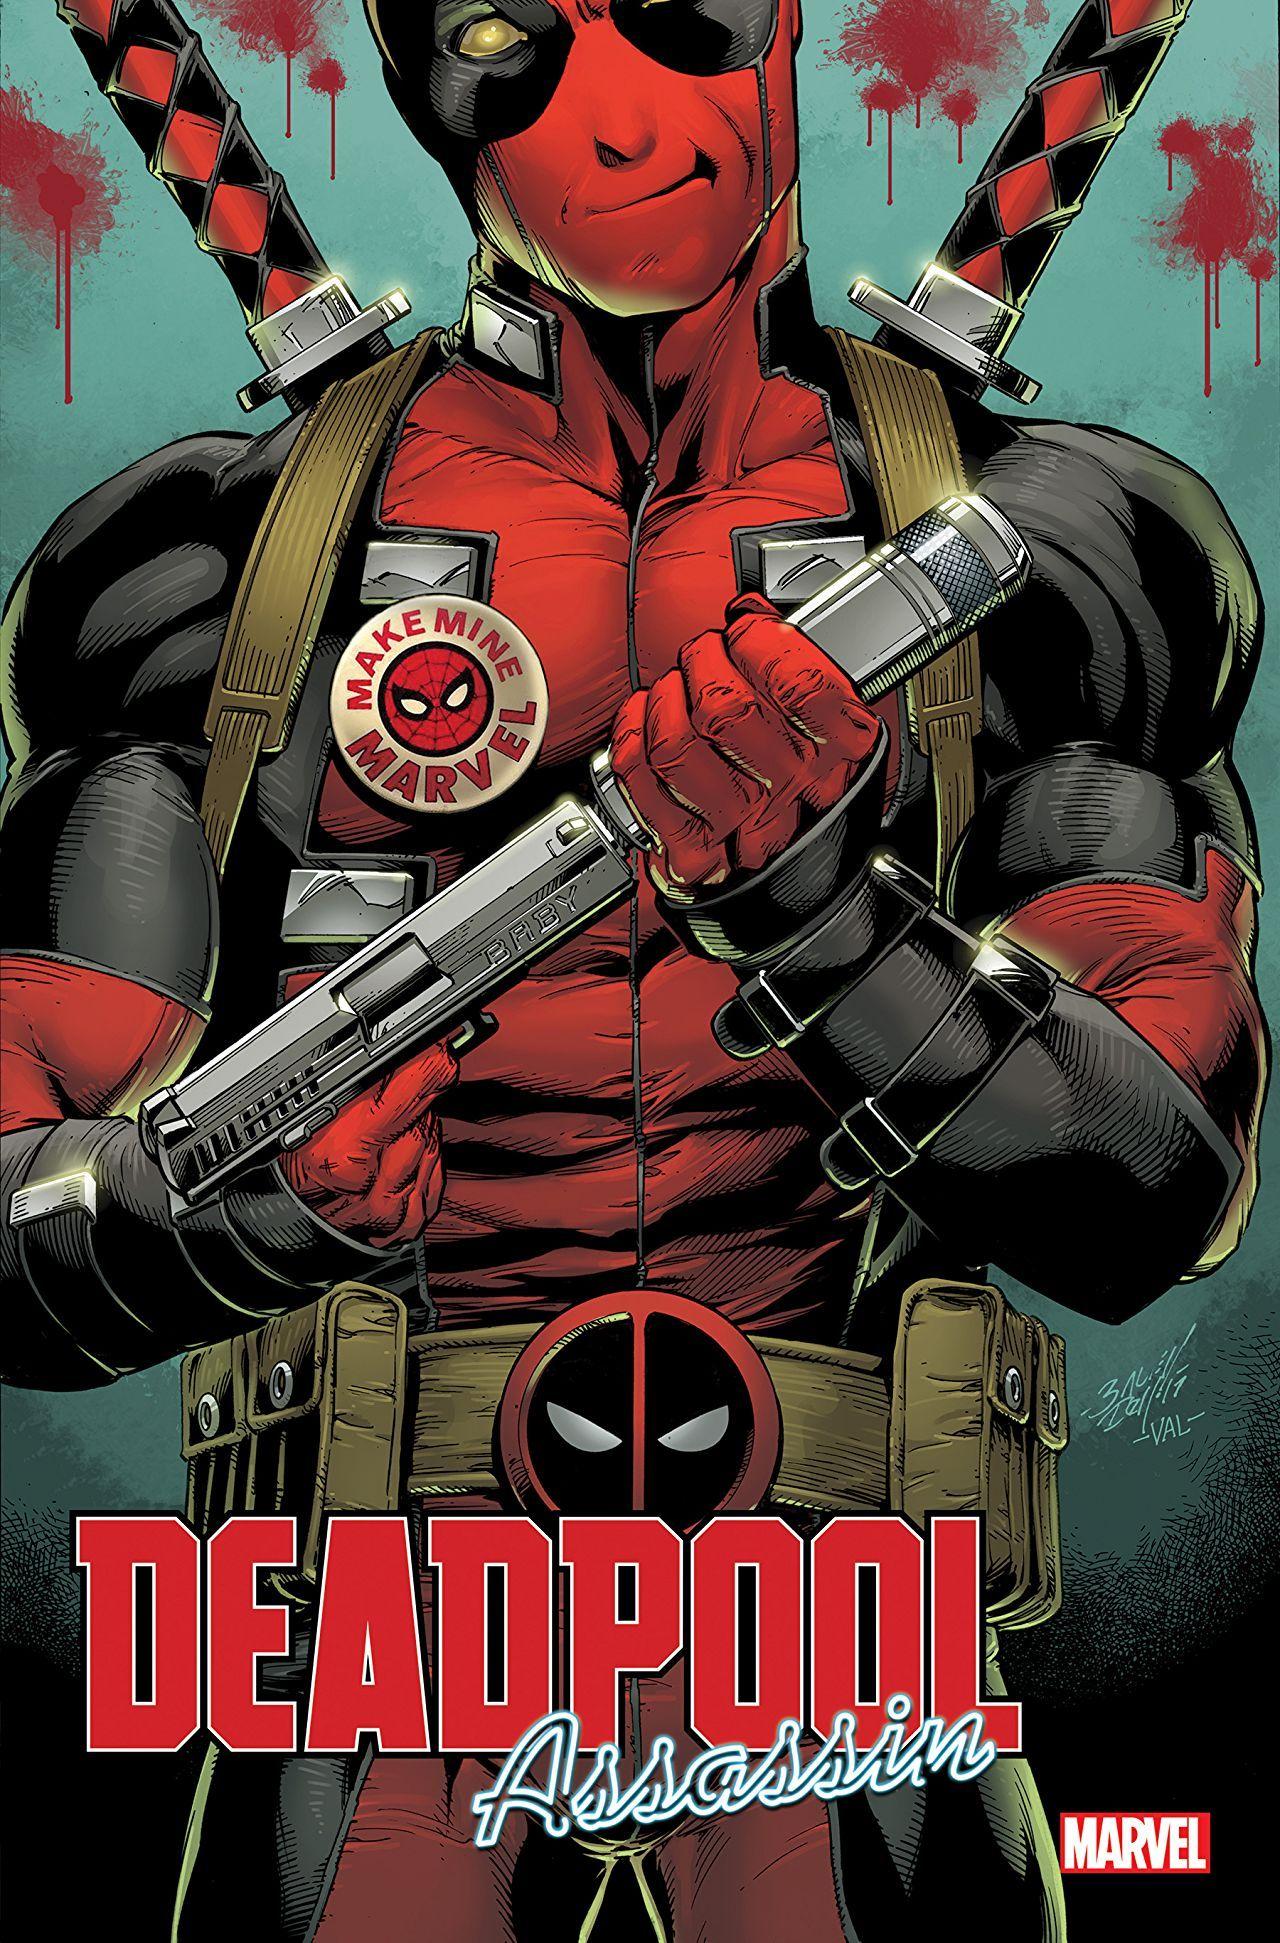 Deadpool Assassin Deadpool comic, Mark bagley, Marvel n dc